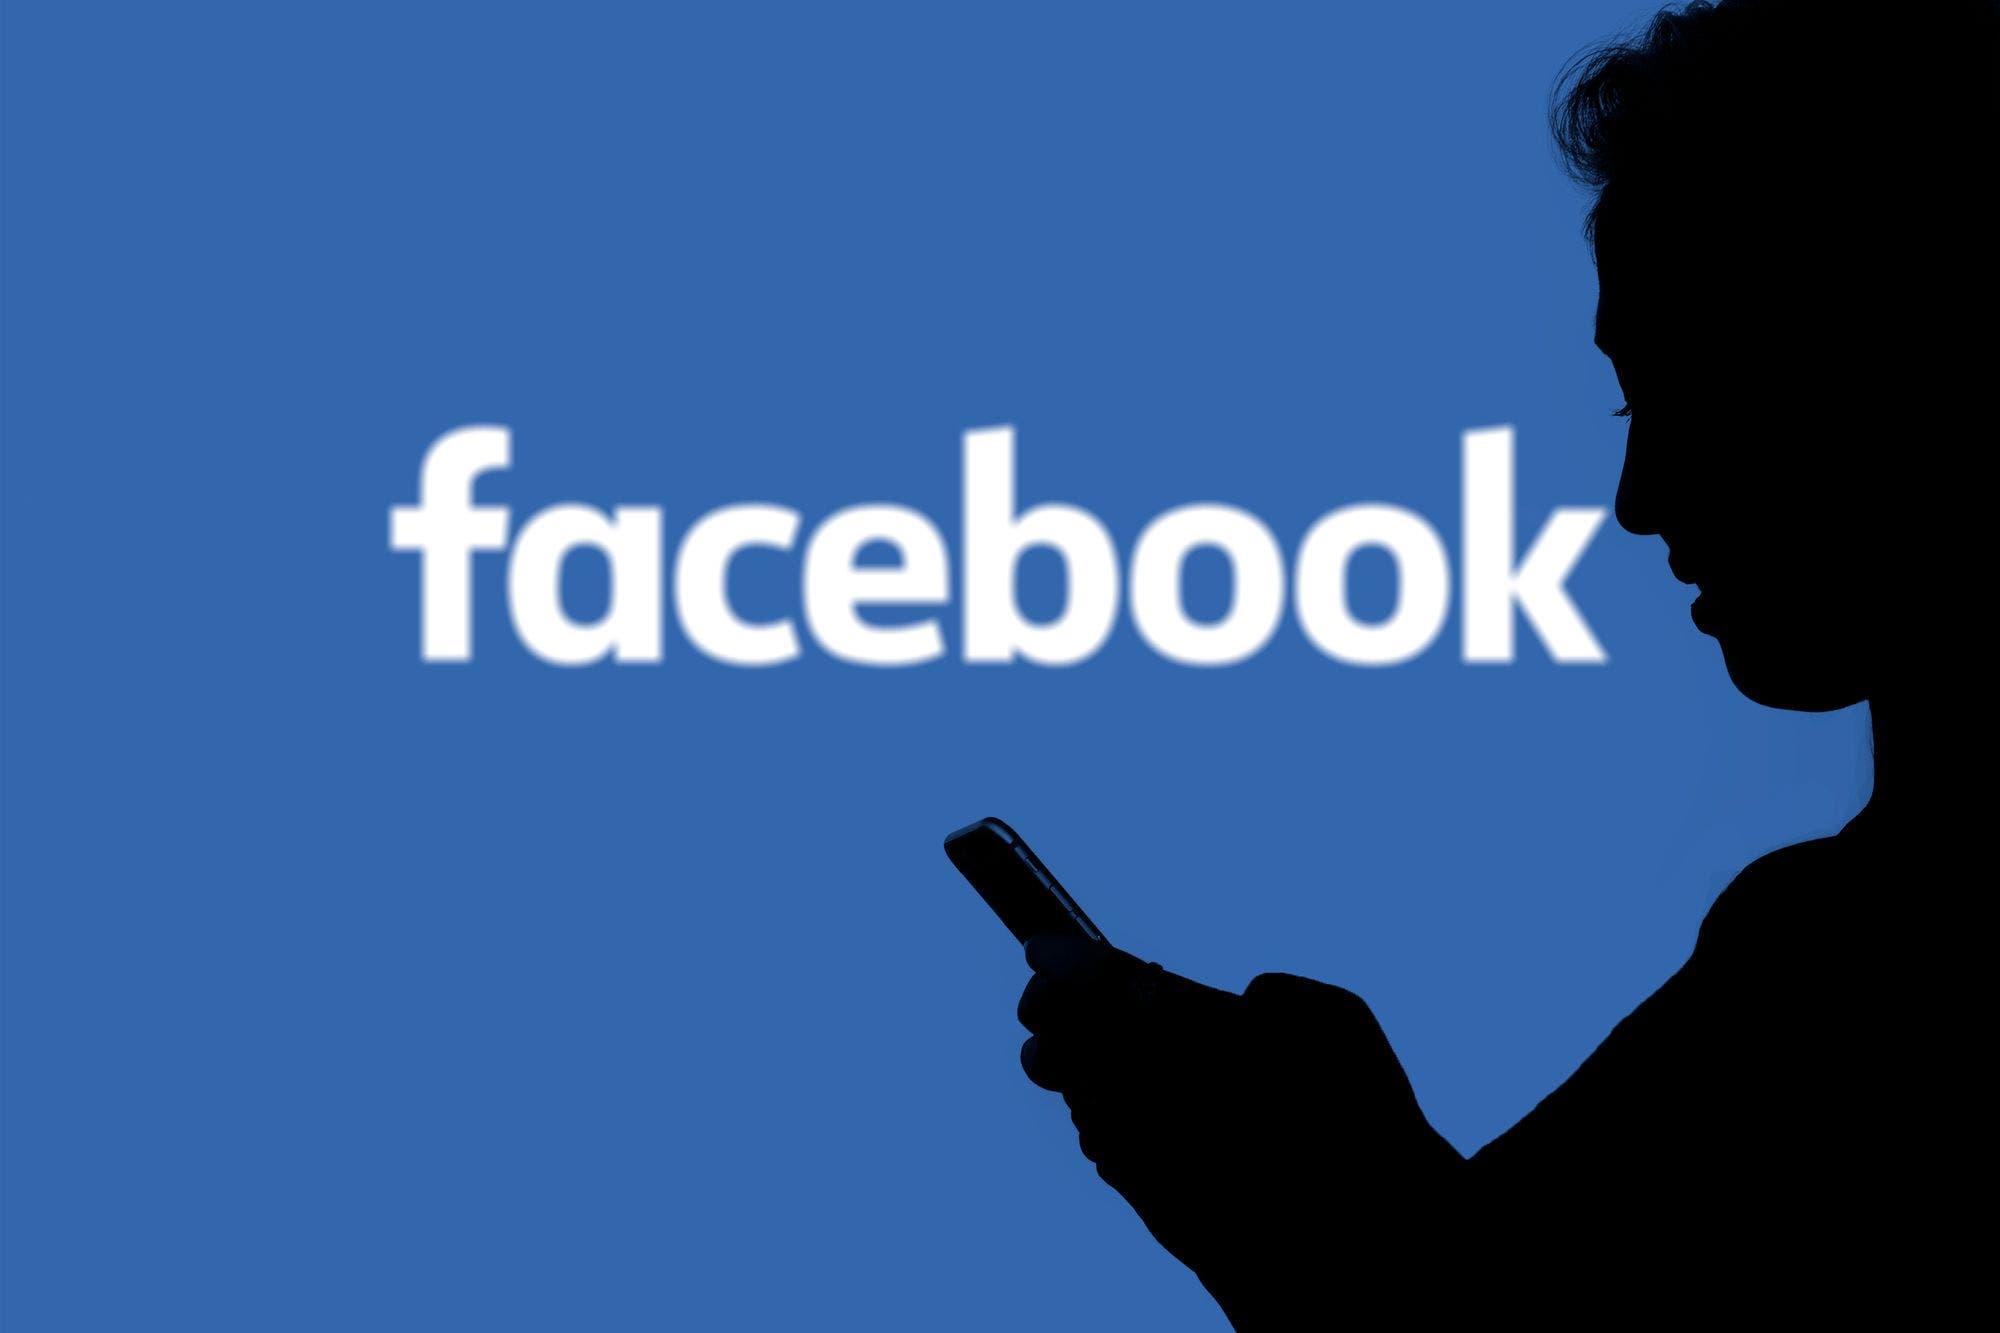 Facebook ignoró los esfuerzos por reducir la polarización en la red social, según el Wall Street Journal